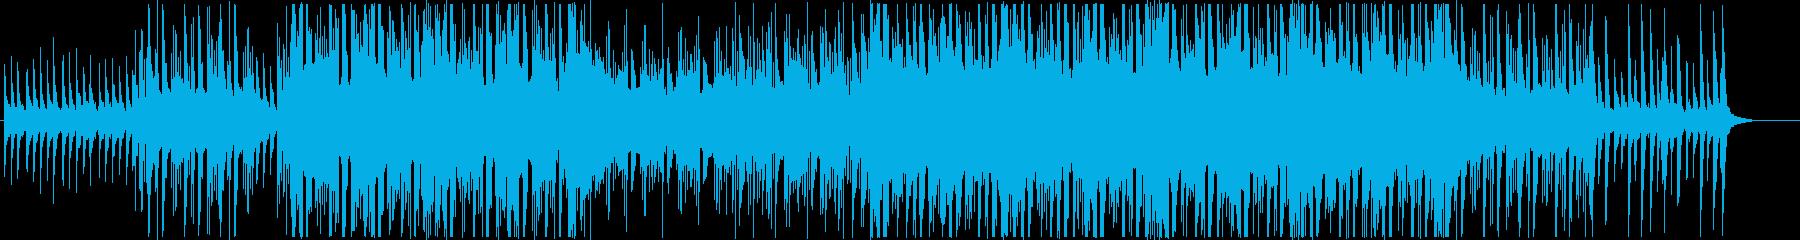 アジアン風で暖かいトロピカルハウス(短めの再生済みの波形